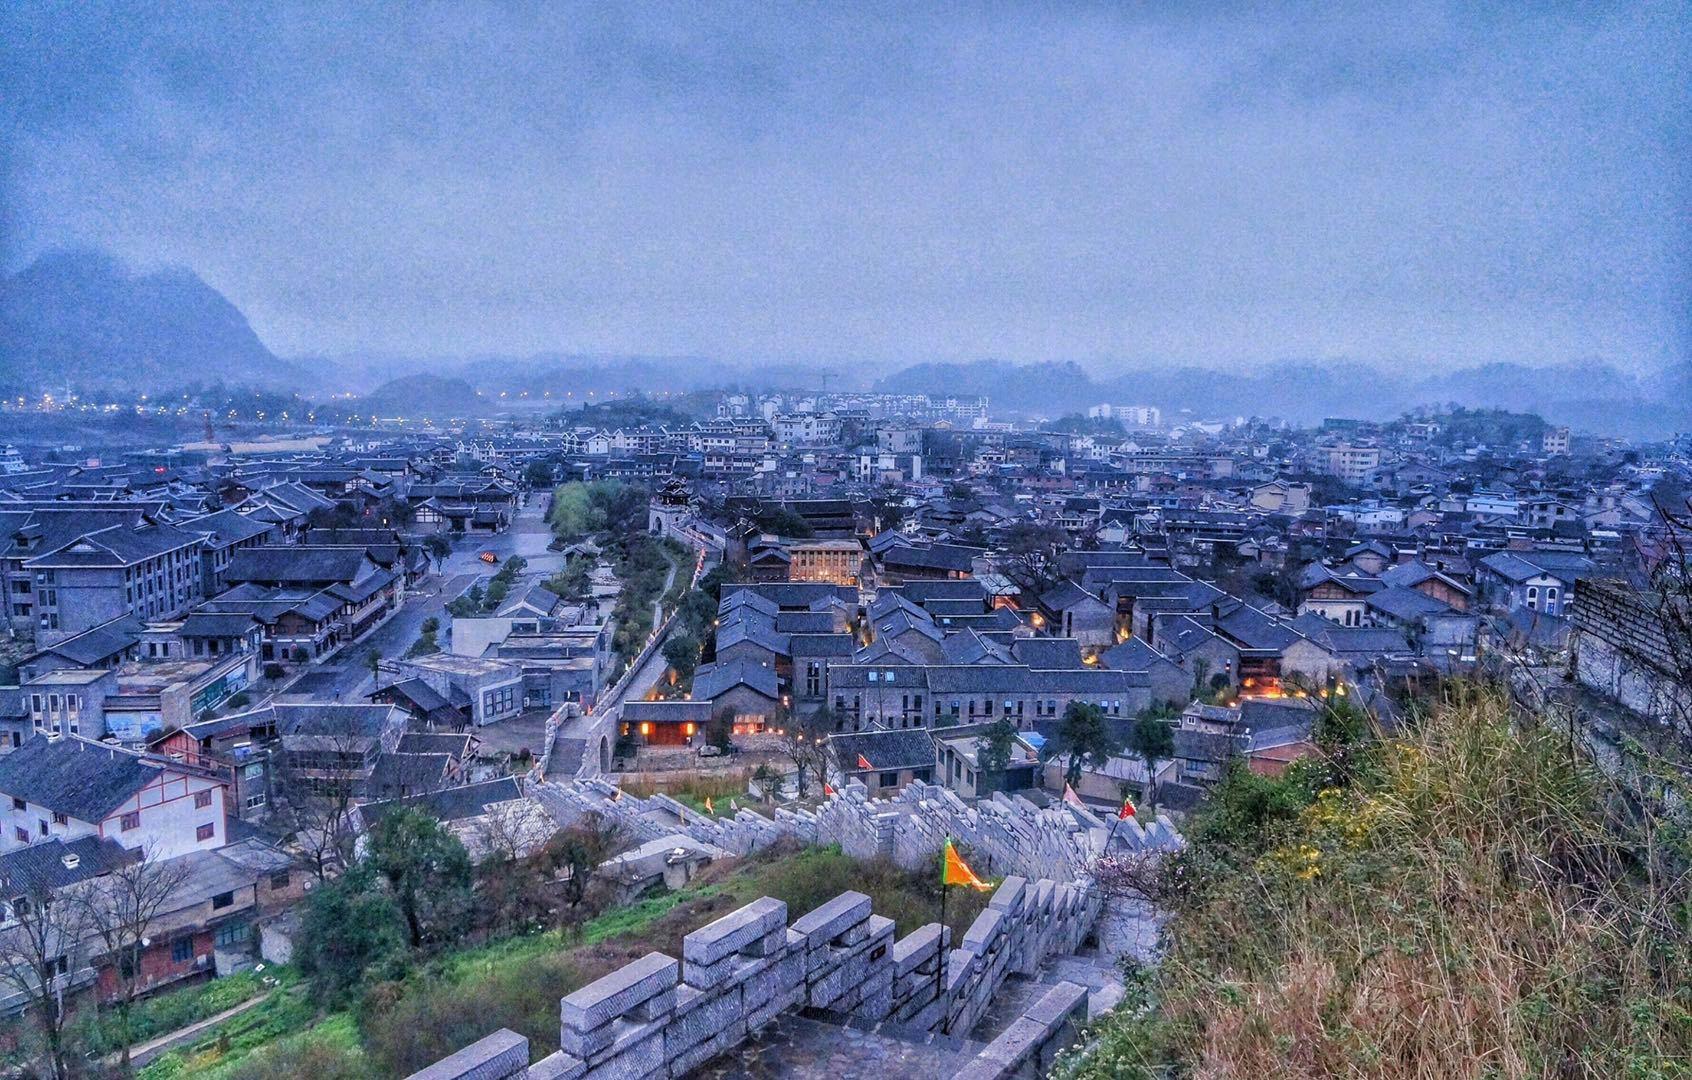 青岩古镇,贵州四大古镇之一